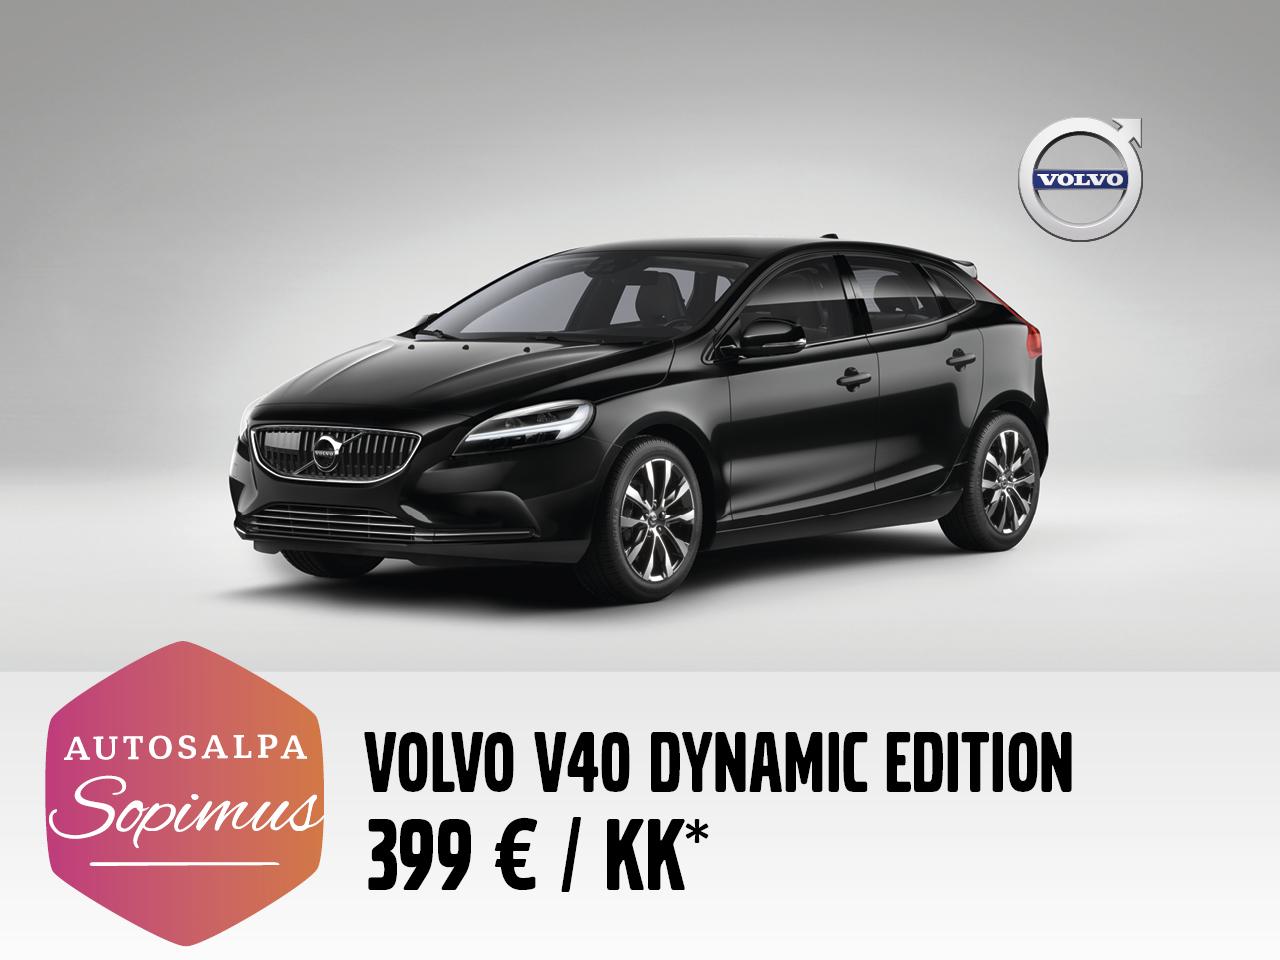 Volvo V40 Dynamic Edition 399 € / kk